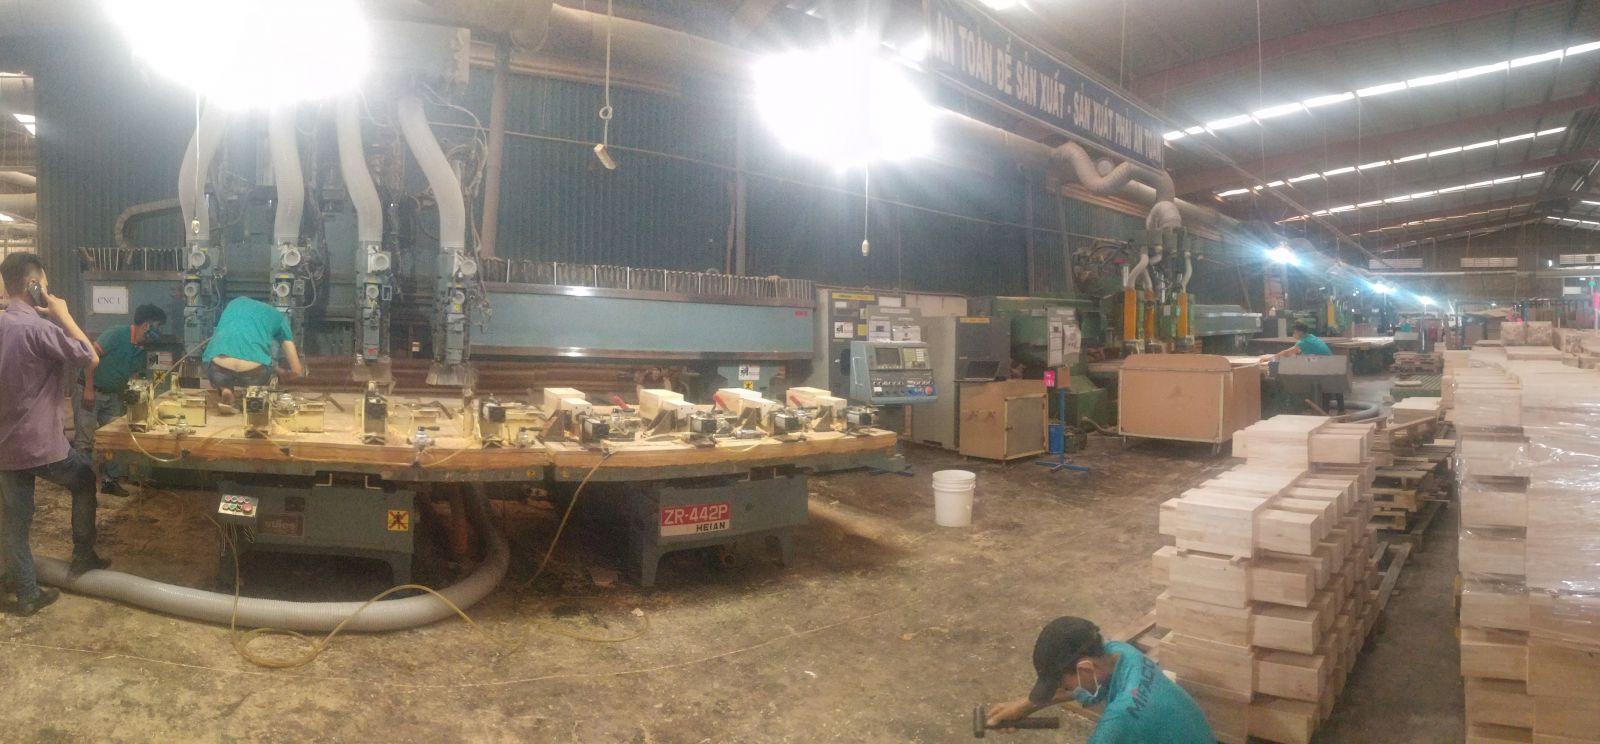 Sửa chữa đại tu máy chế biến gỗ